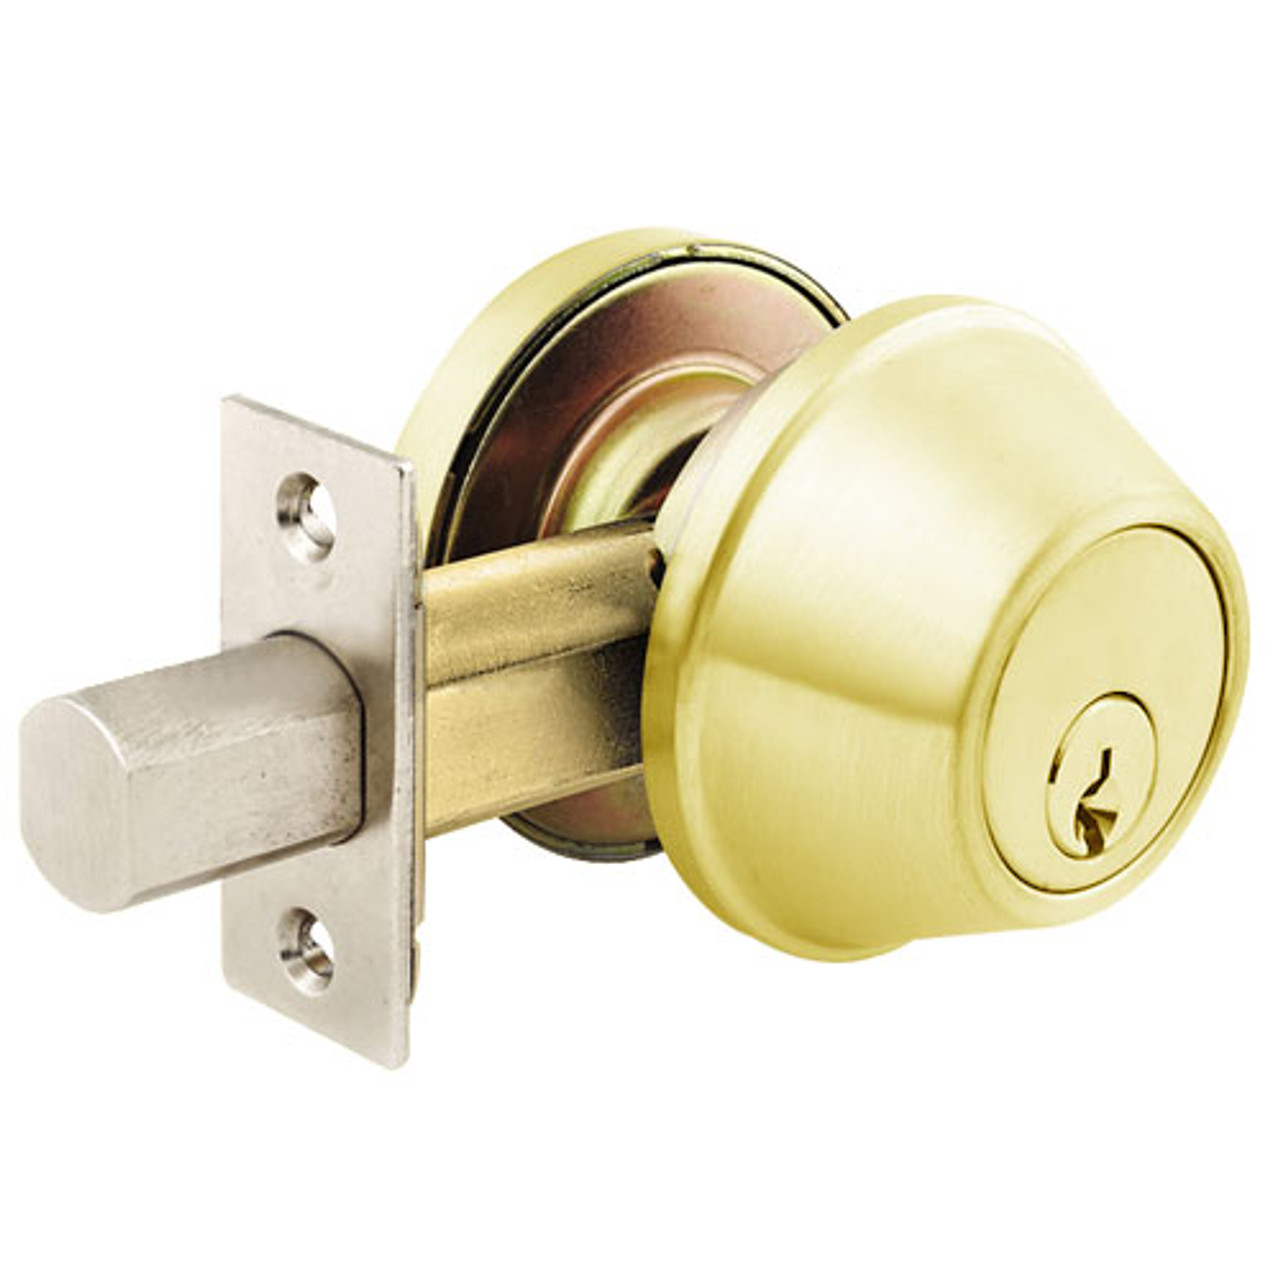 small resolution of d61 03 arrow lock d series deadbolt in bright brass finish